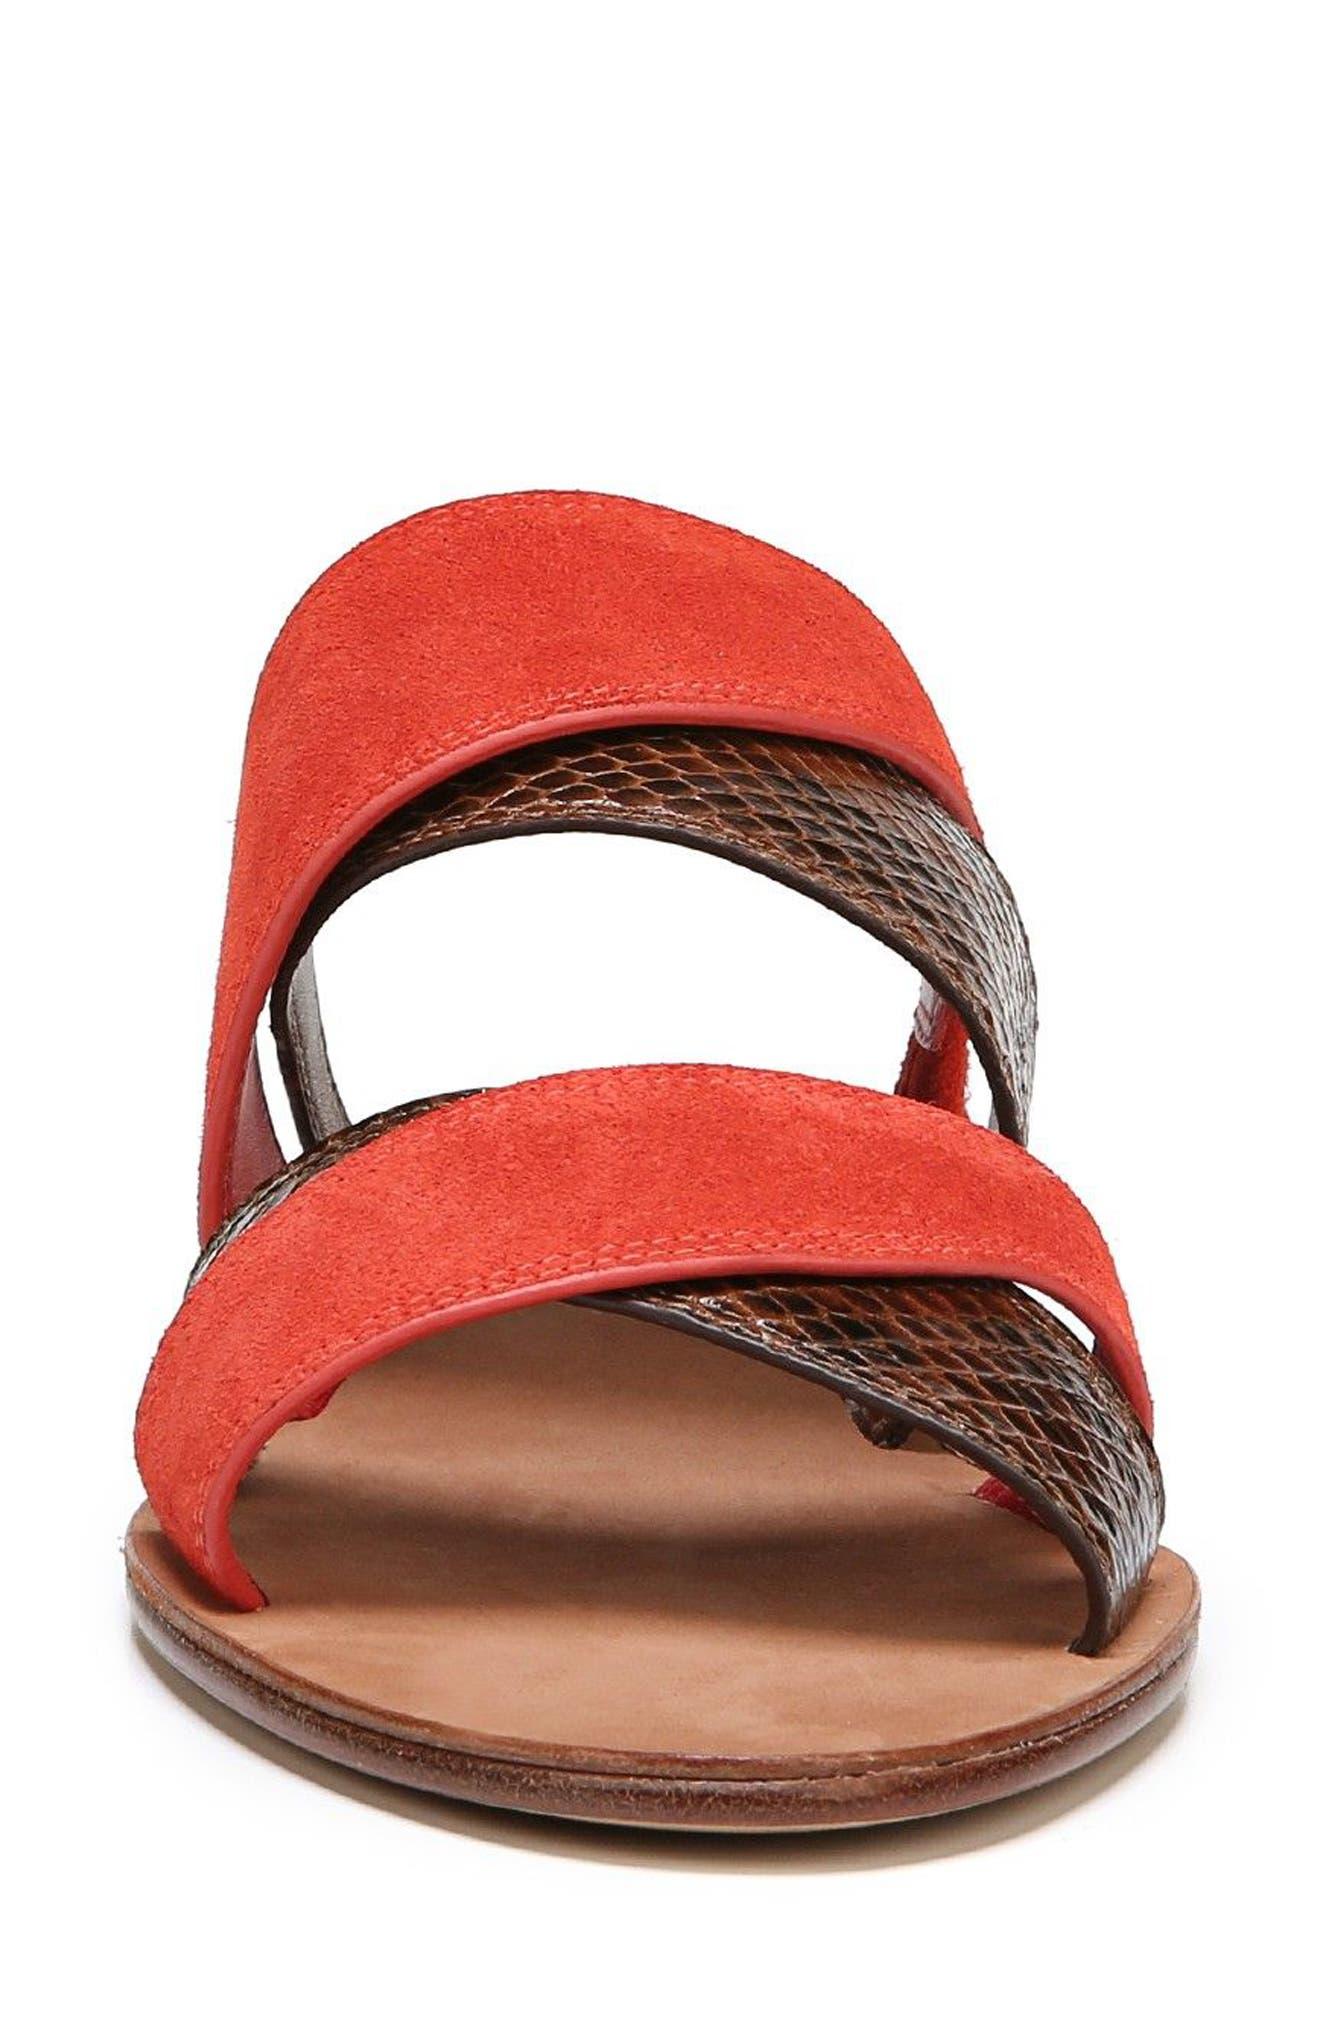 Blake Cross Strap Slide Sandal,                             Alternate thumbnail 4, color,                             Caramel/ Red